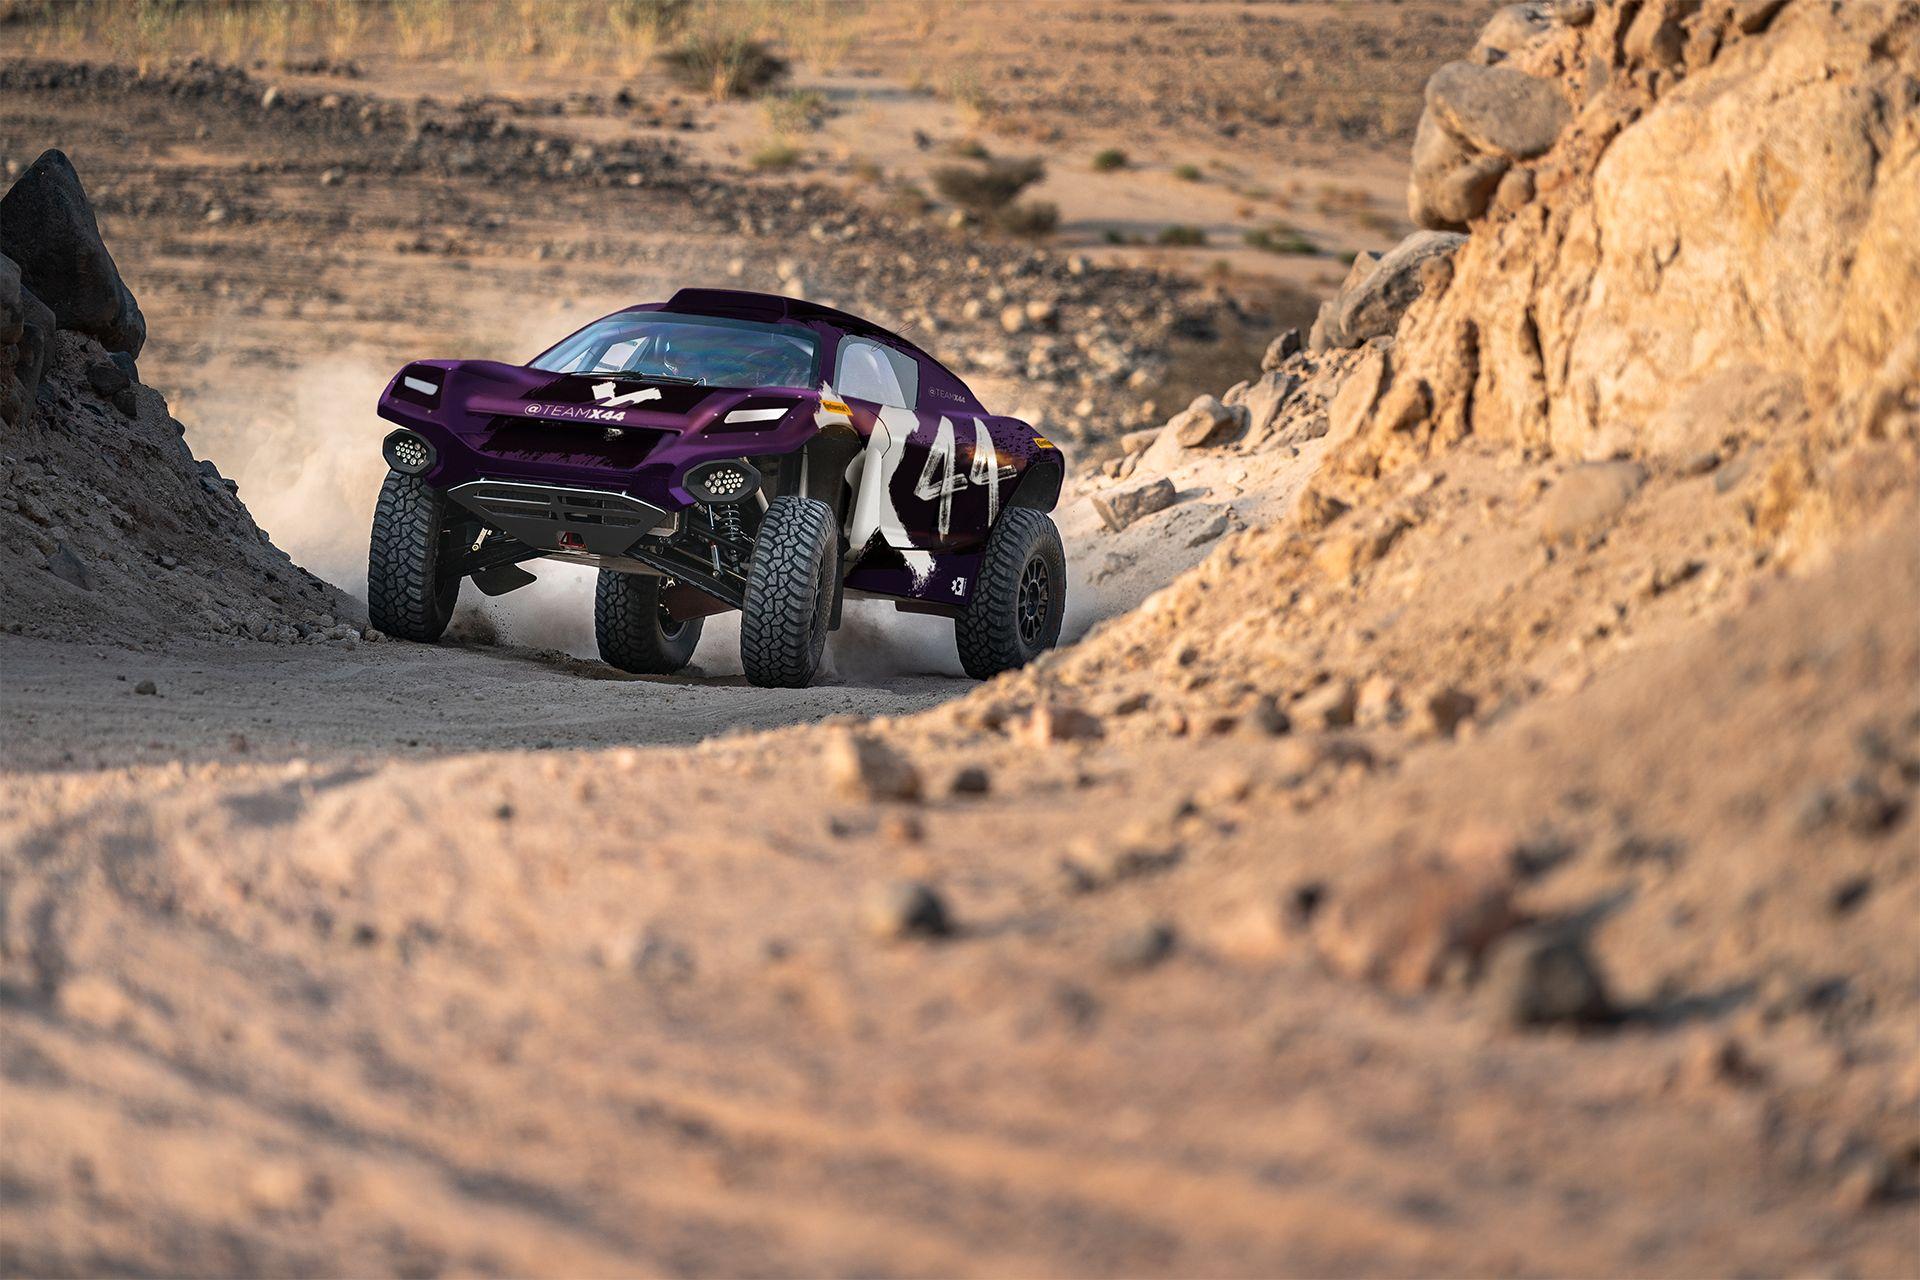 Lewis Hamilton zieht es zur E-Rallye-Serie Extreme E